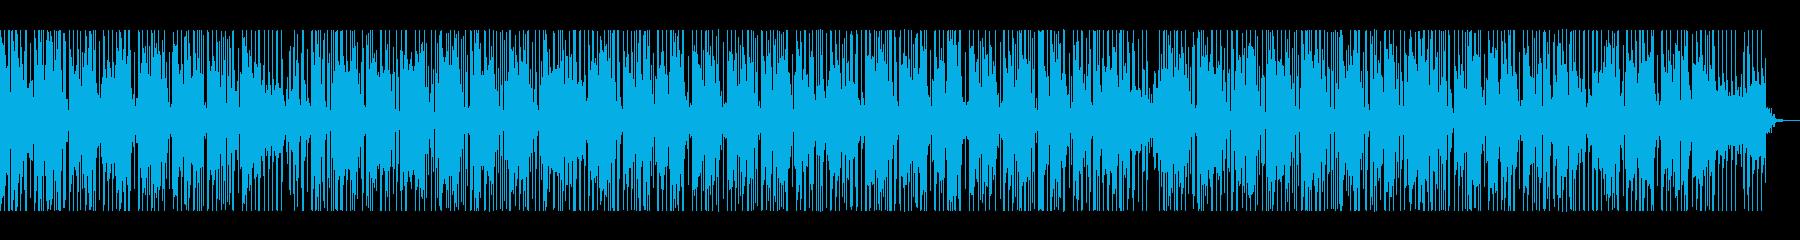 しっとりした印象のBGMの再生済みの波形